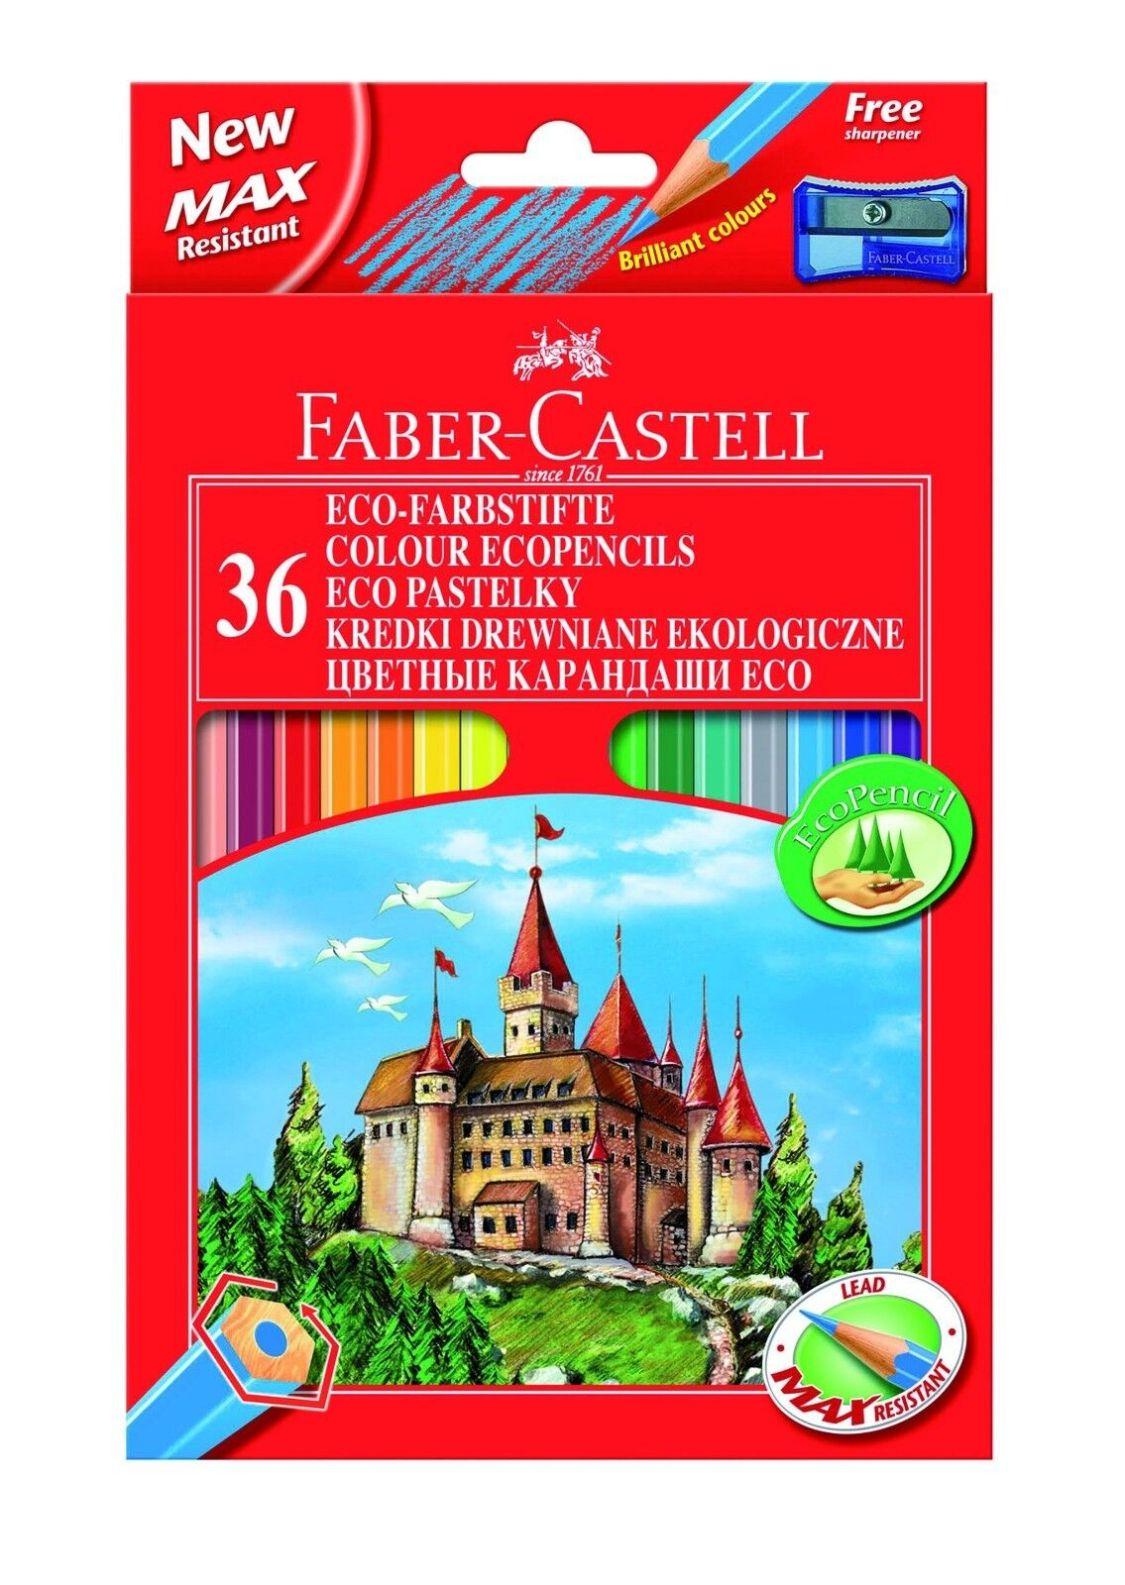 36 Faber Castell Farbstifte Buntstifte Malstifte mit Spitzer 36er Etui Eco